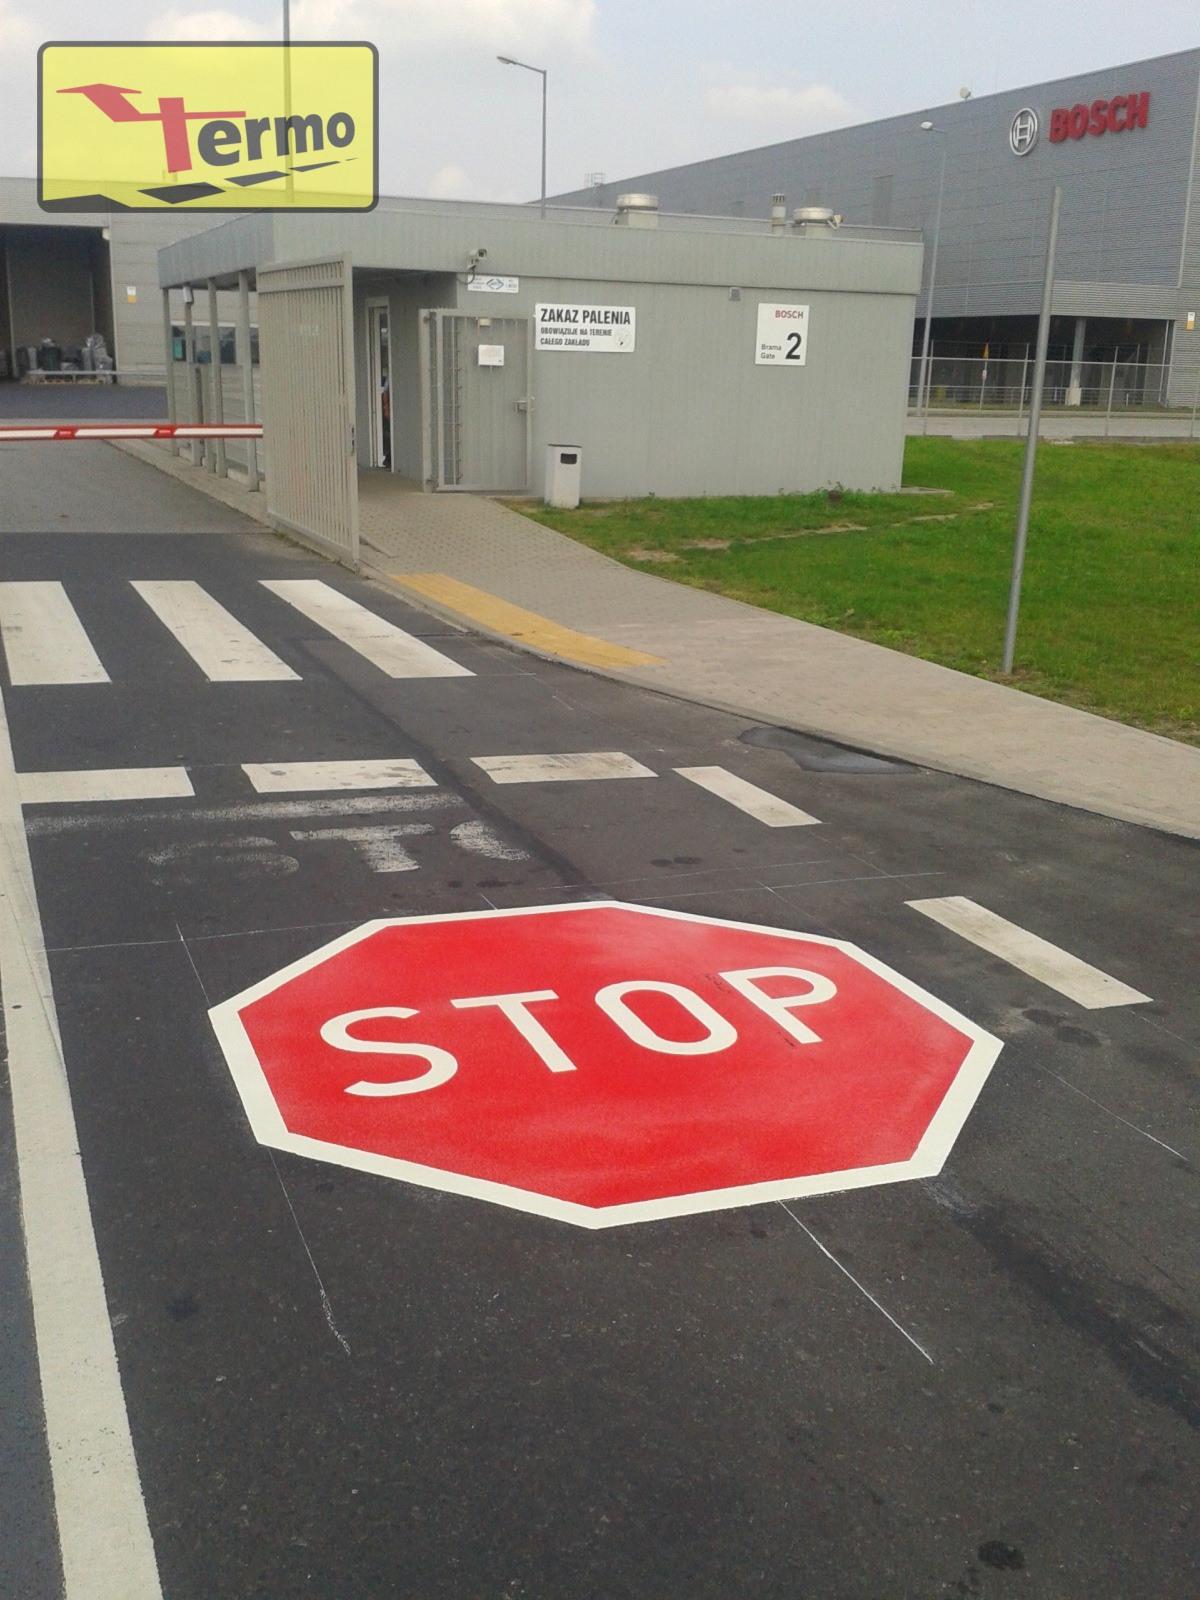 oznakowanie poziome - znak stop z masy termoplastycznej